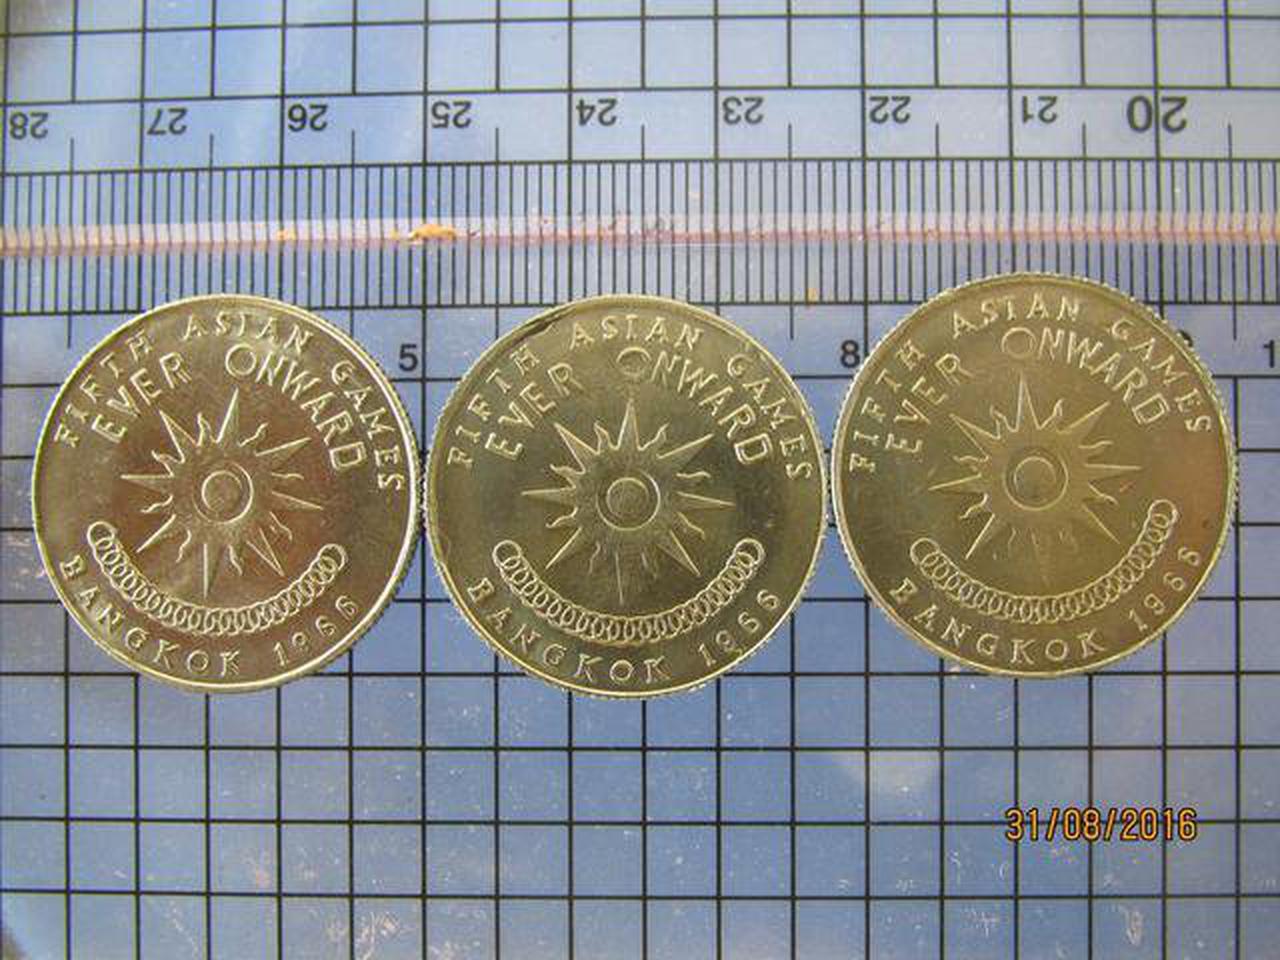 3822 เหรียญกษาปณ์ที่ระลึก 1 บาท เอเชี่ยนเกมส์ ครั้งที่ 5 ปี  รูปที่ 1